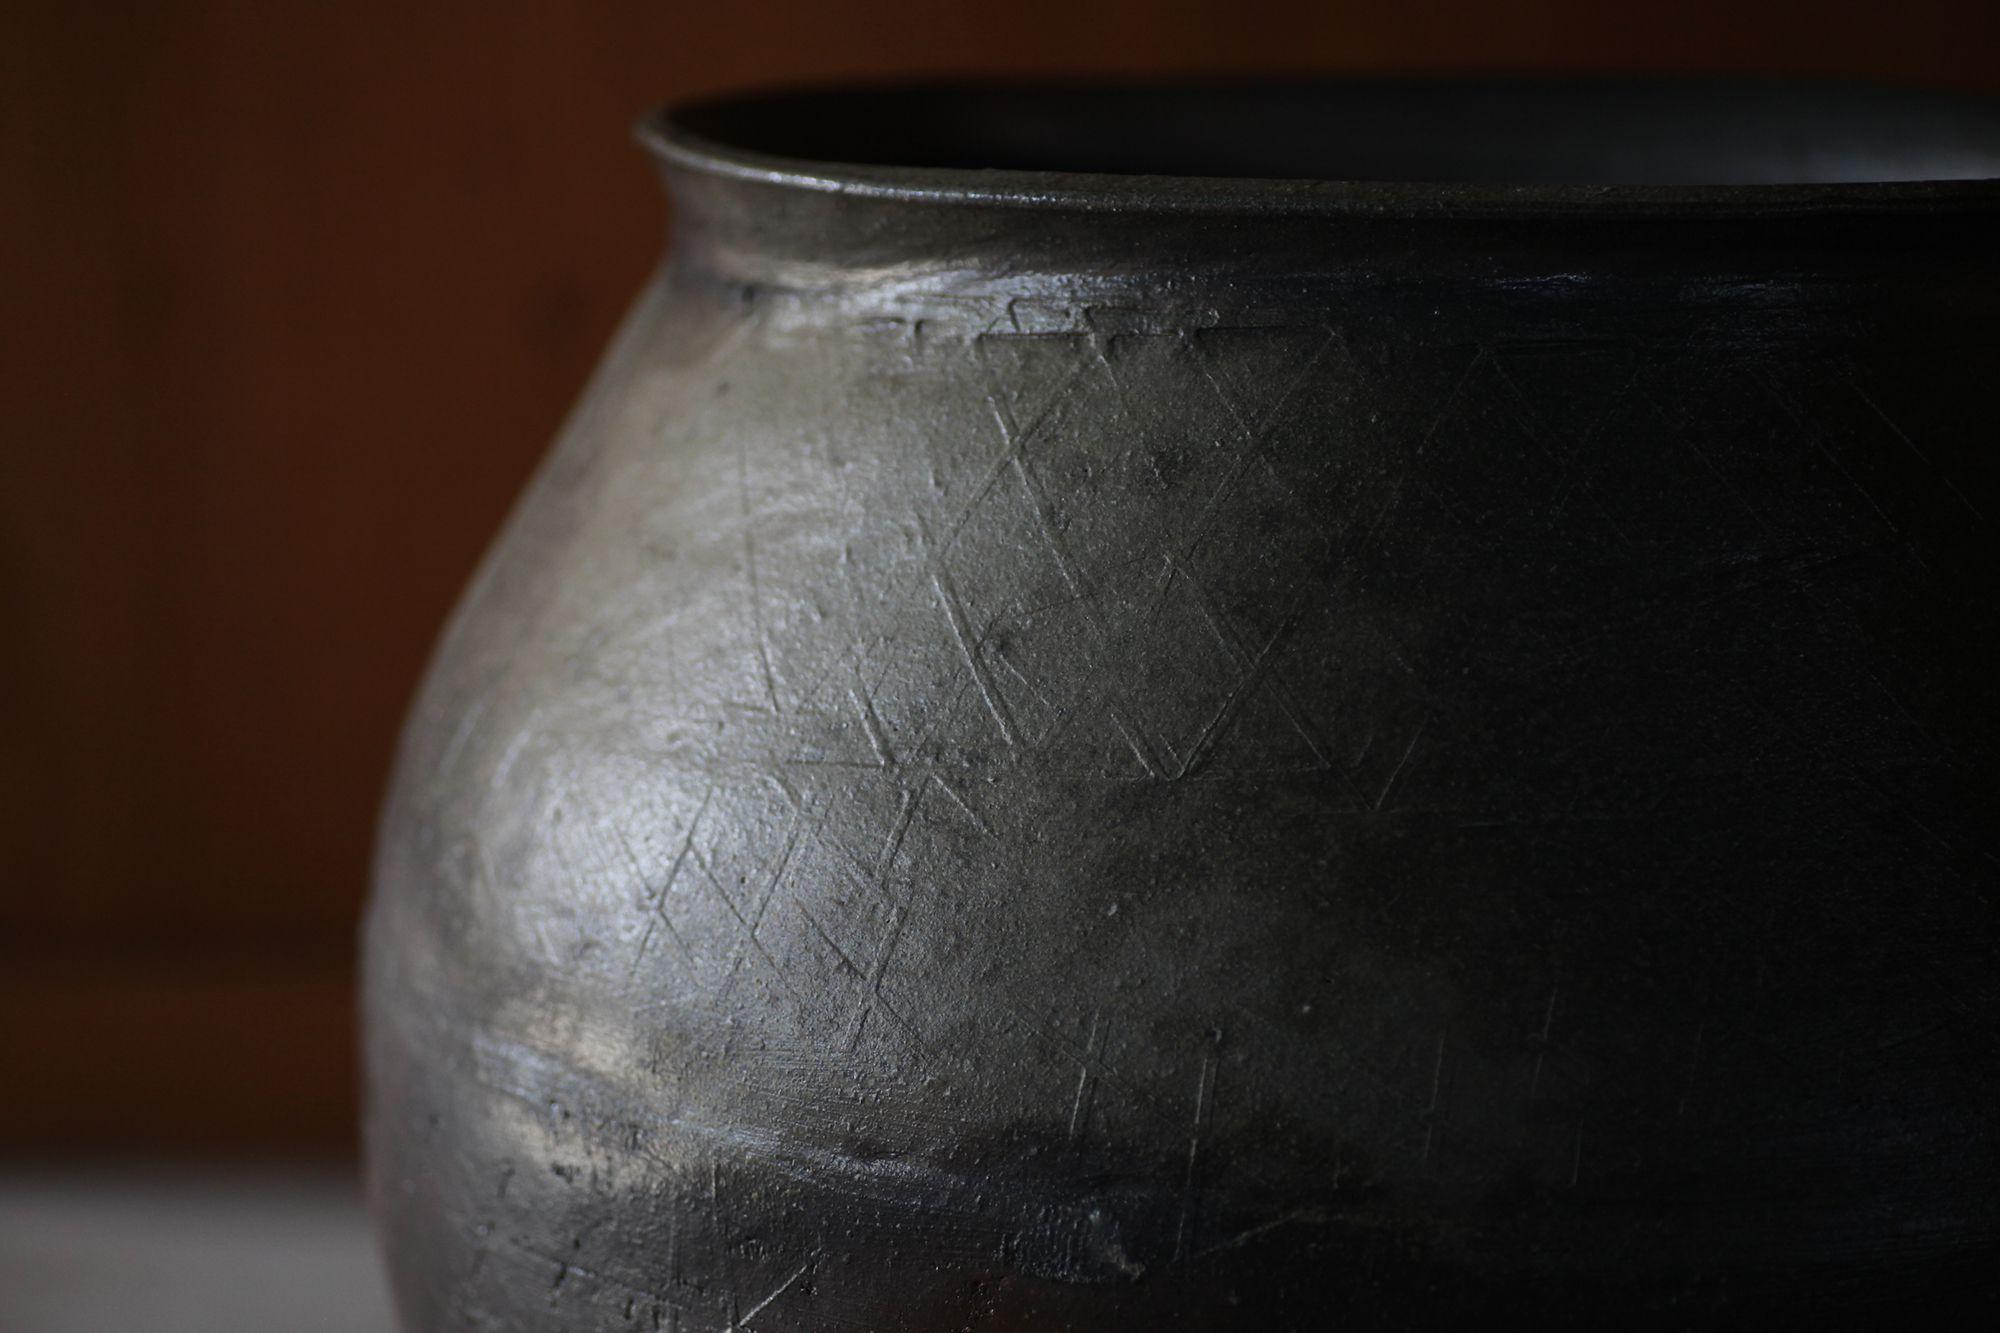 常滑 鯉江明/常滑山土叩き壺 鯉江は、地元常滑での中世古窯発掘調査への参加が契機となり、作家を志す。